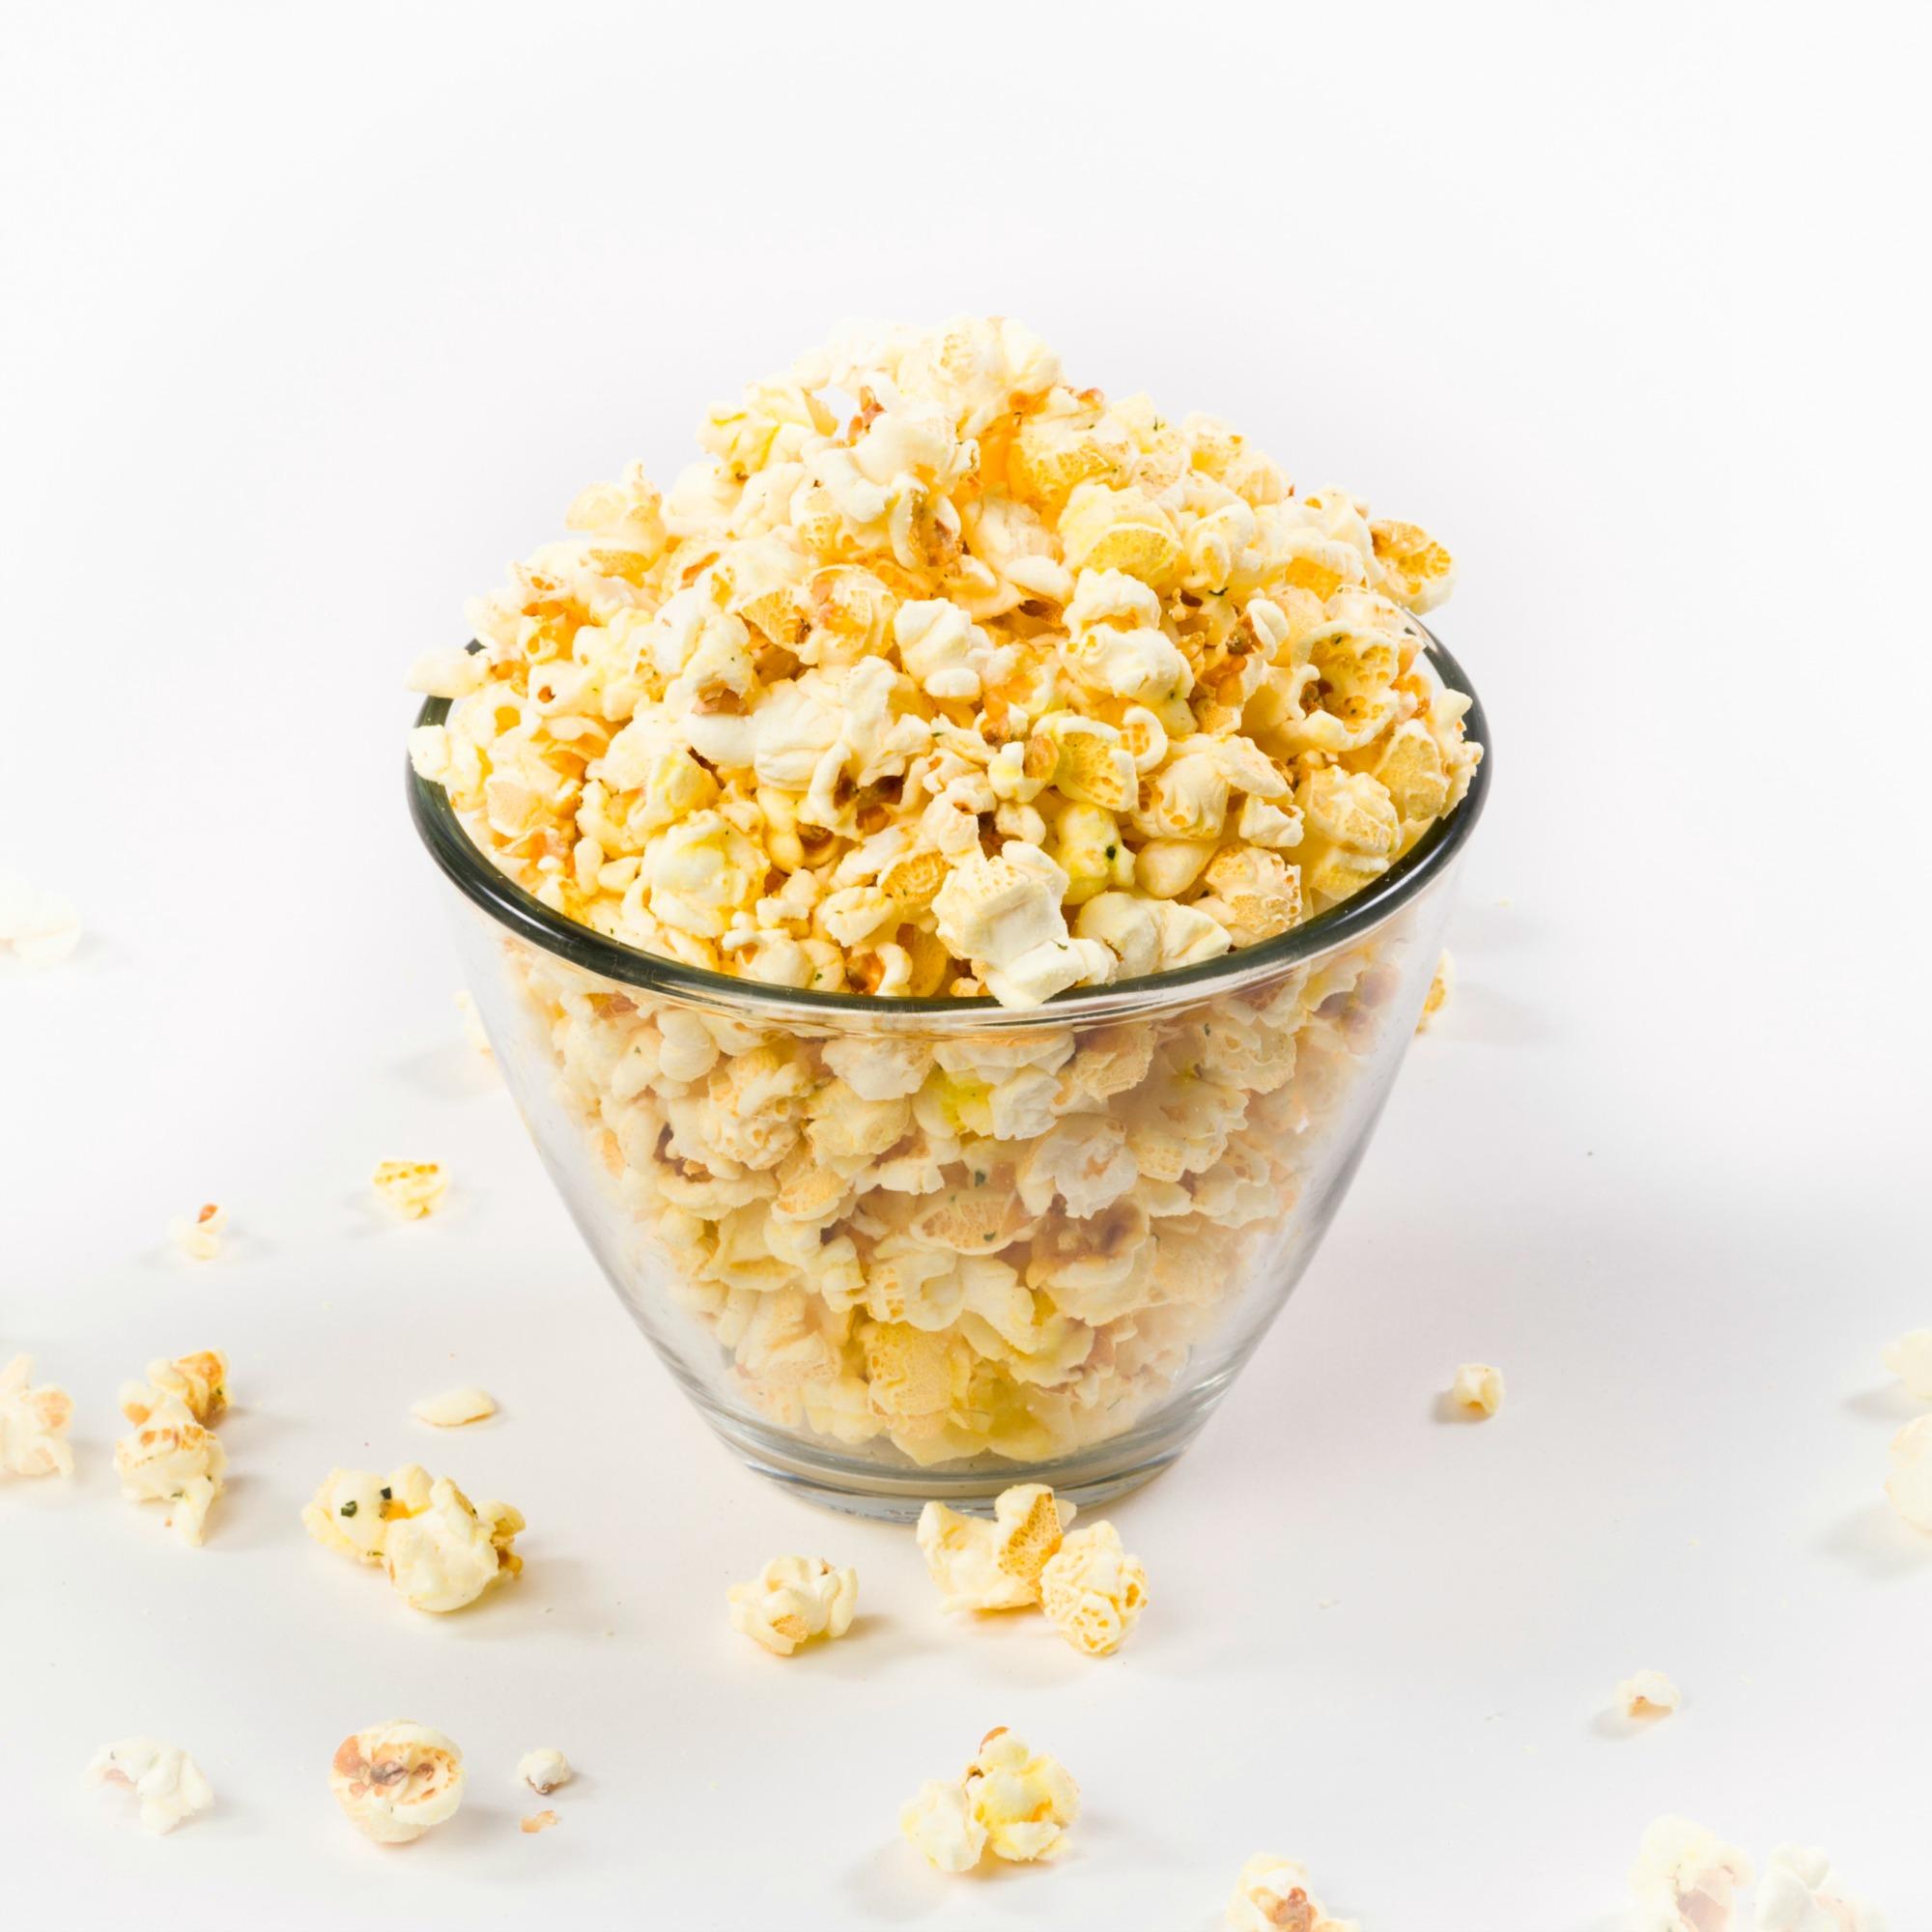 Dill Flavored Popcorn